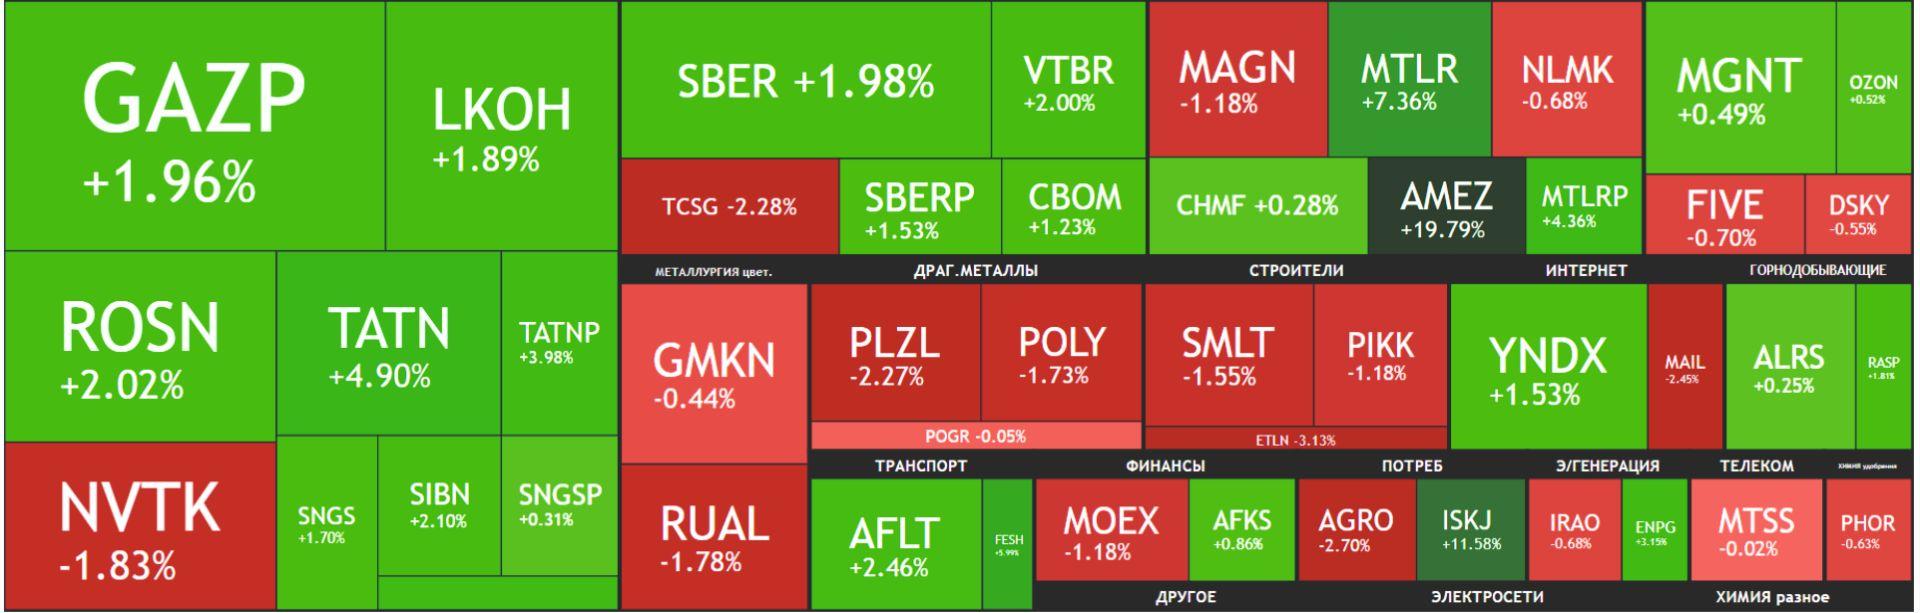 Карта рынка акций Московской биржи Российские акции 27 сентября 2021, года, понедельник